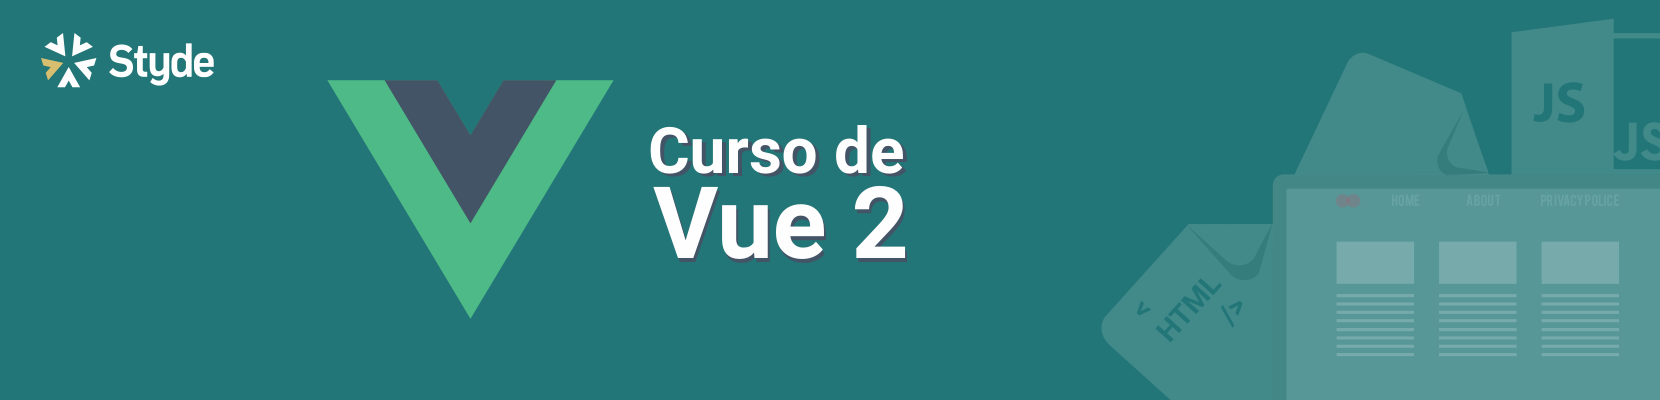 Banner del curso de Vue.js 2